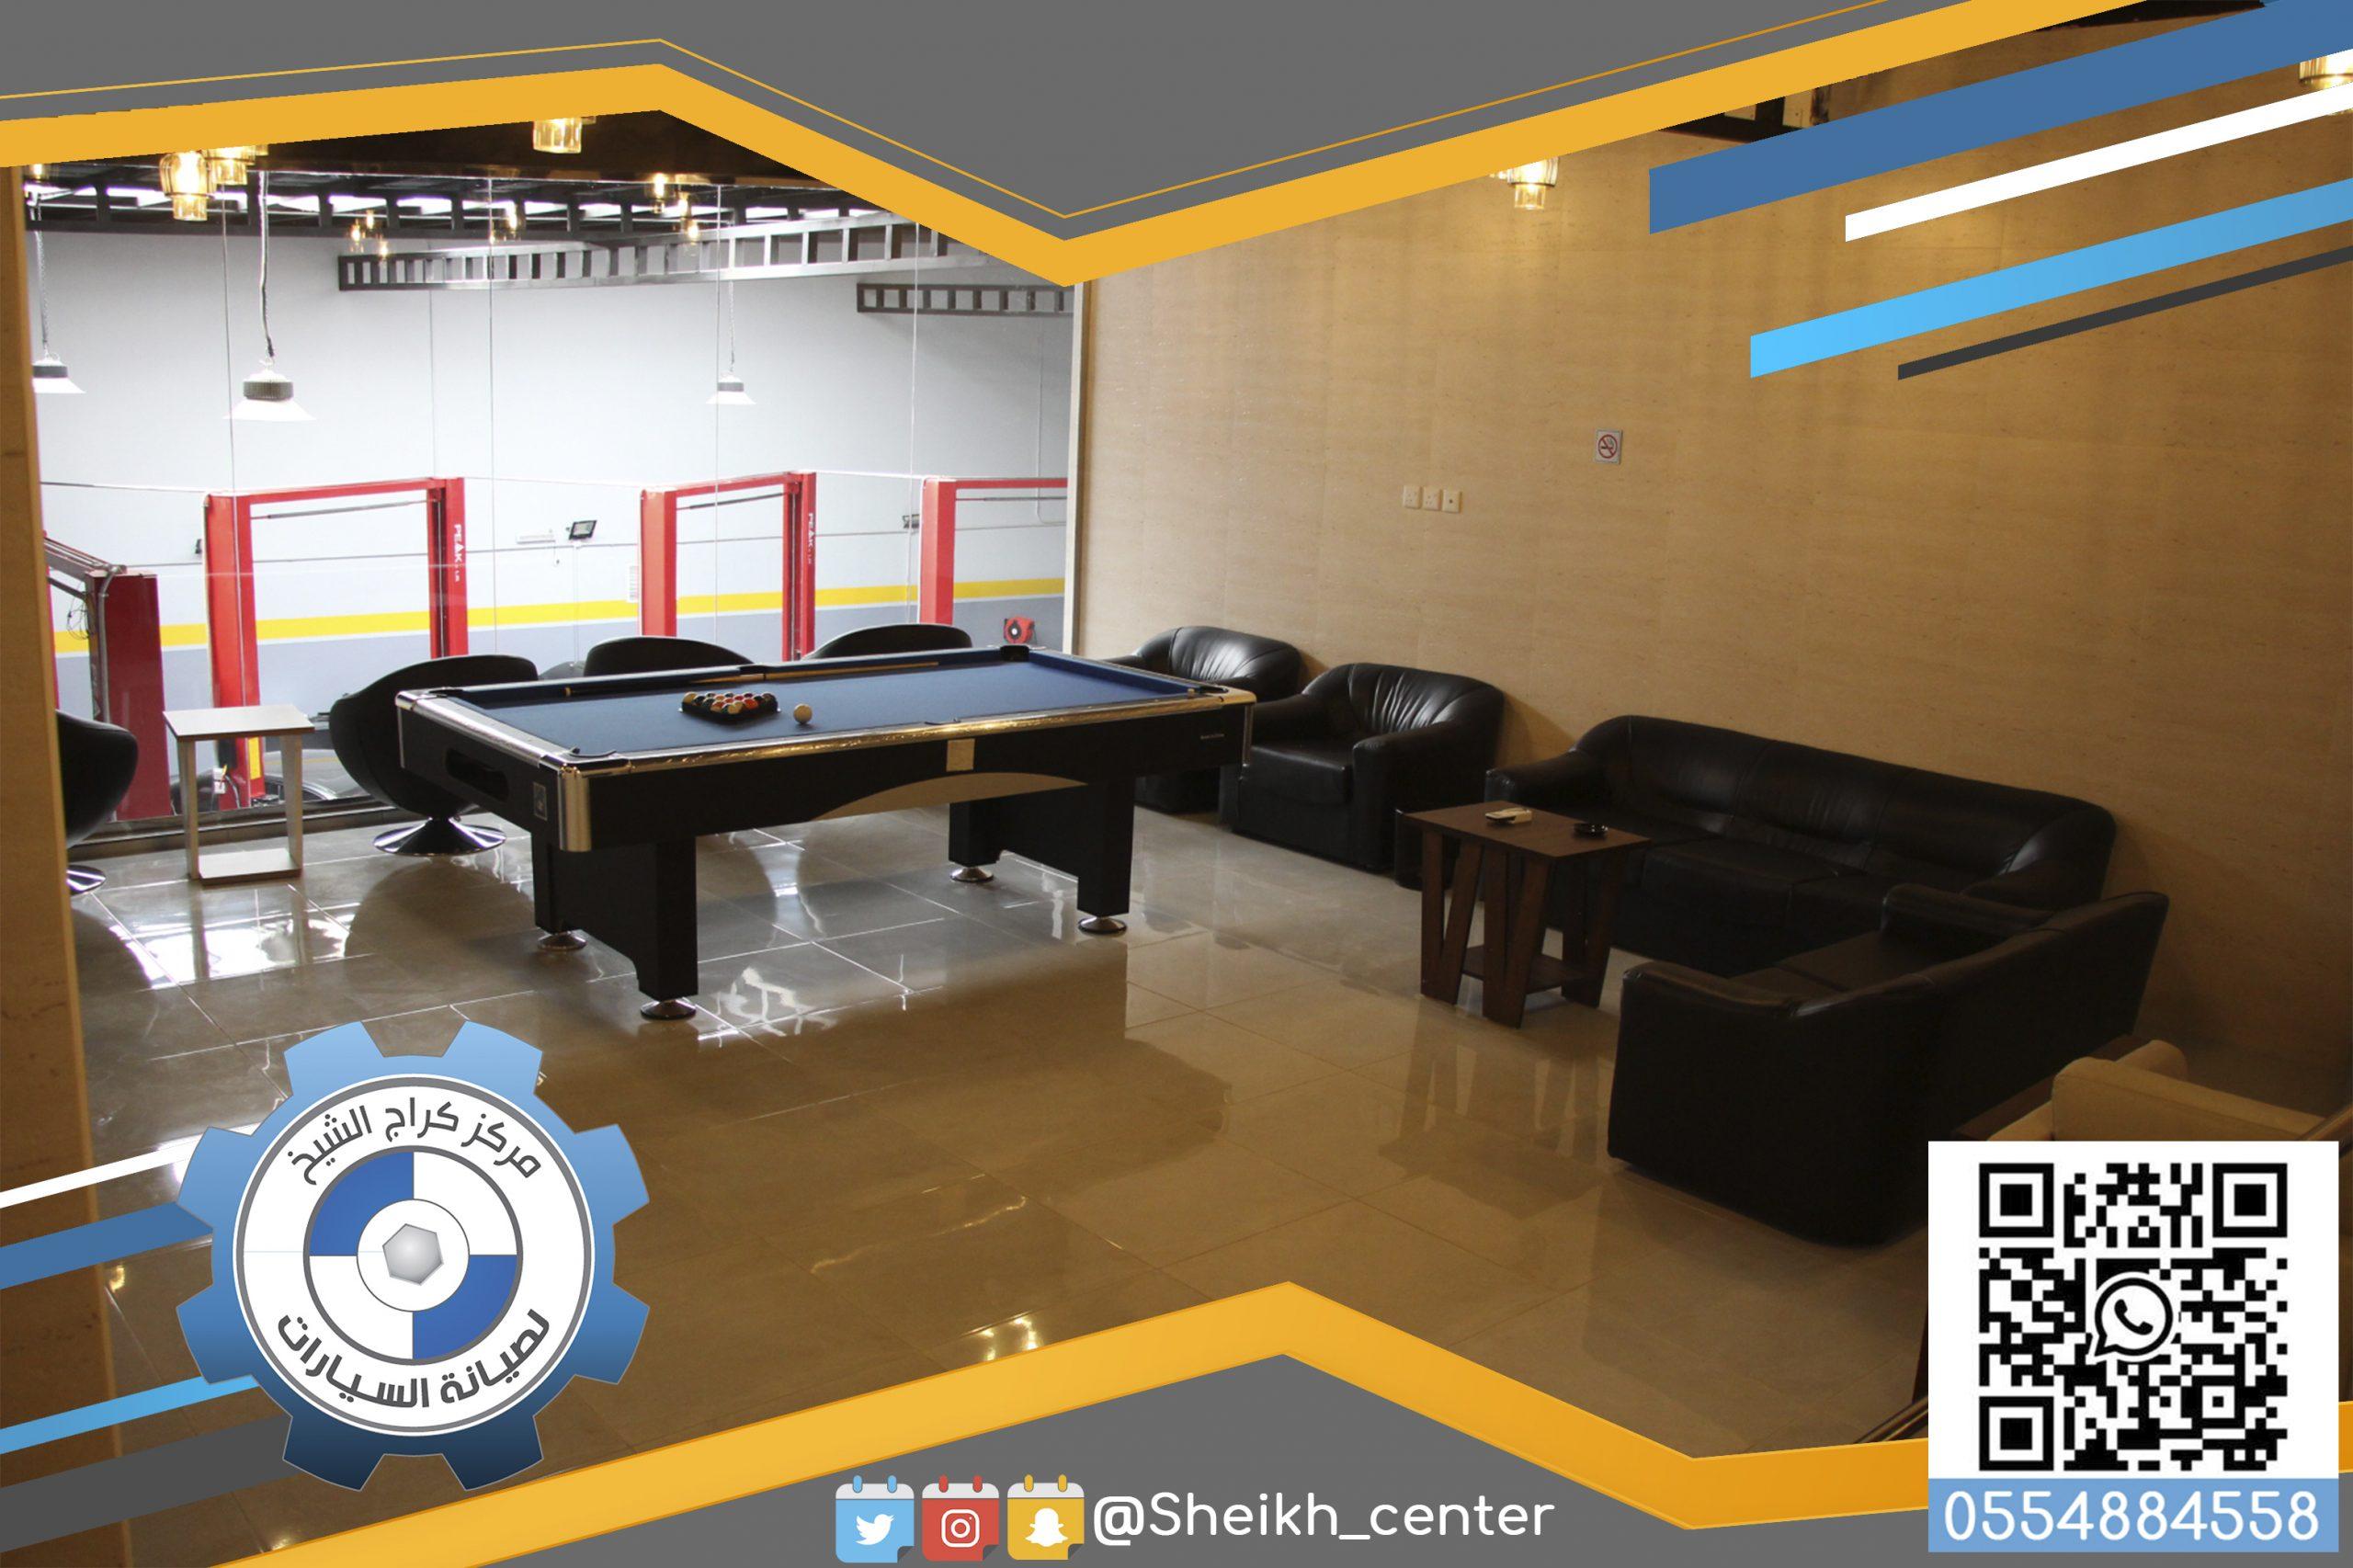 مركز الشيخ قطع غيار